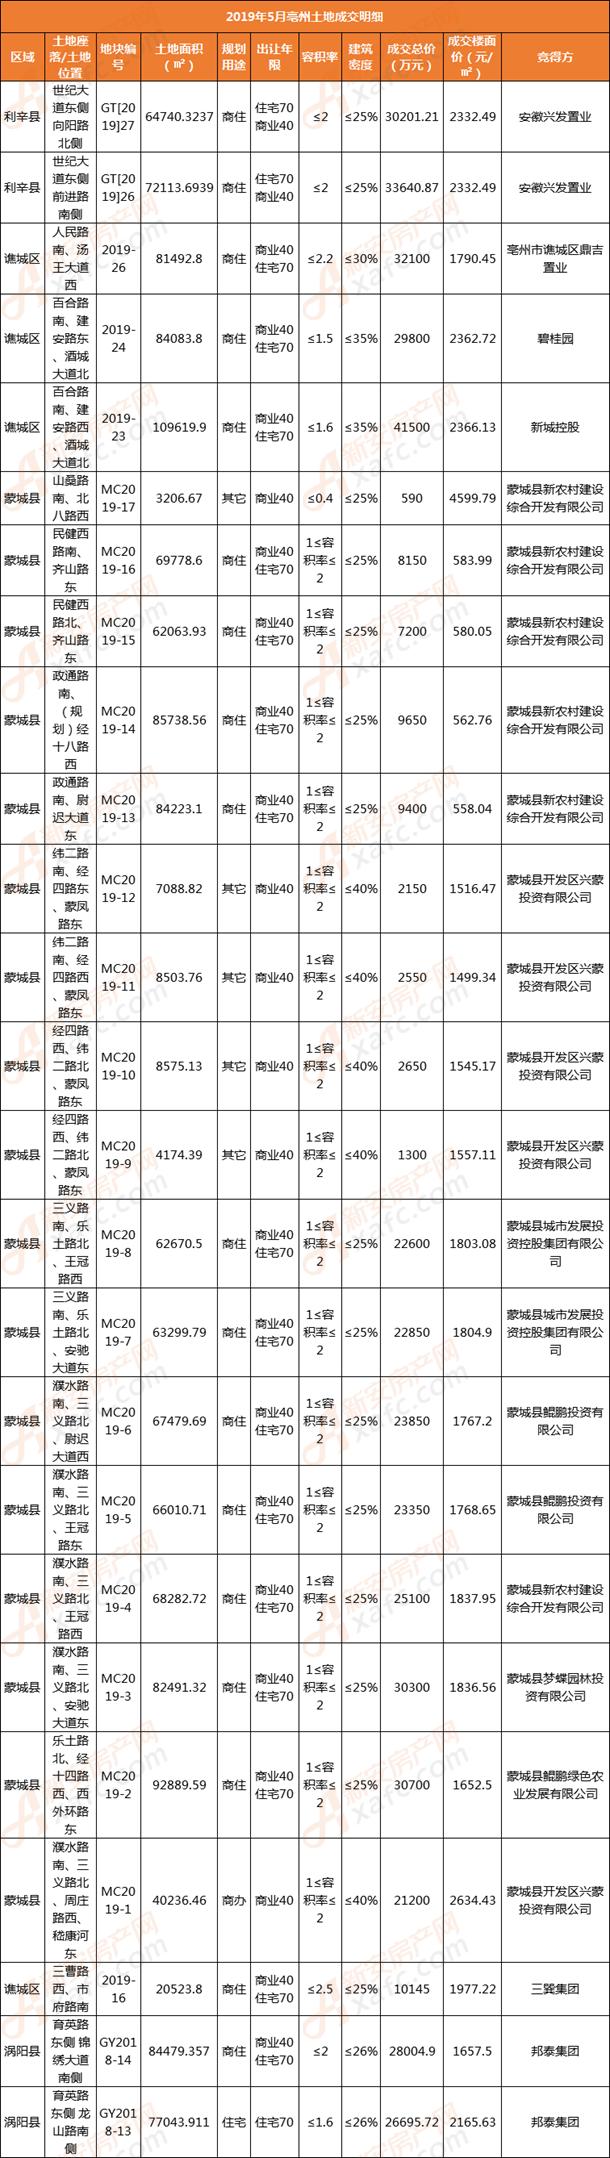 5月份亳州三县一区土地成交明细